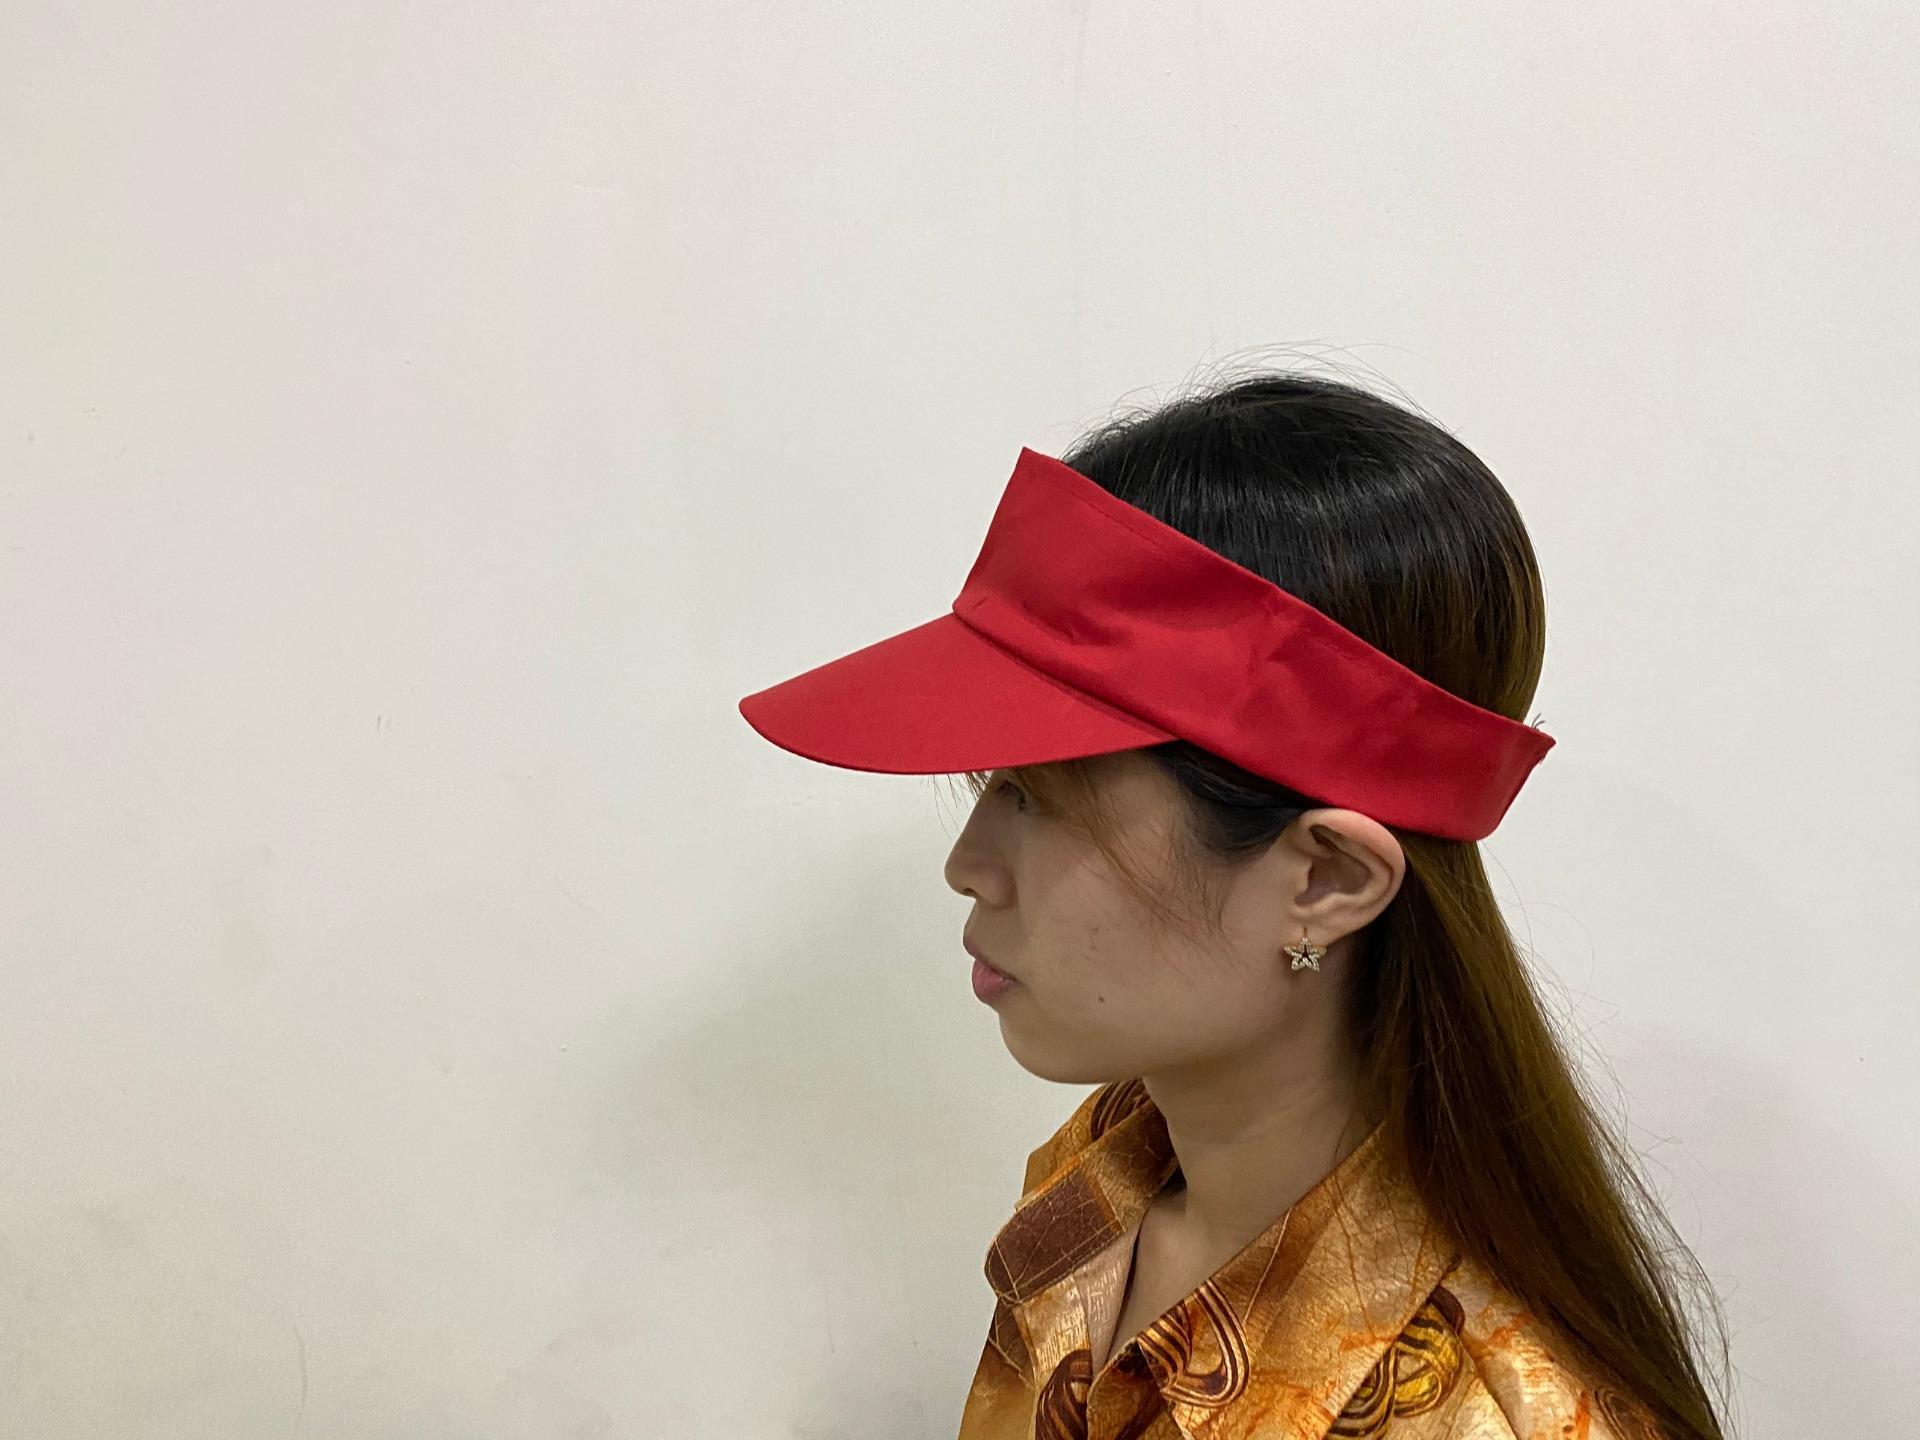 Xưởng may nón lưỡi trai, mũ nửa đầu, nón không chóp nhiều màu sắc tại Bình Tân, TPHCM